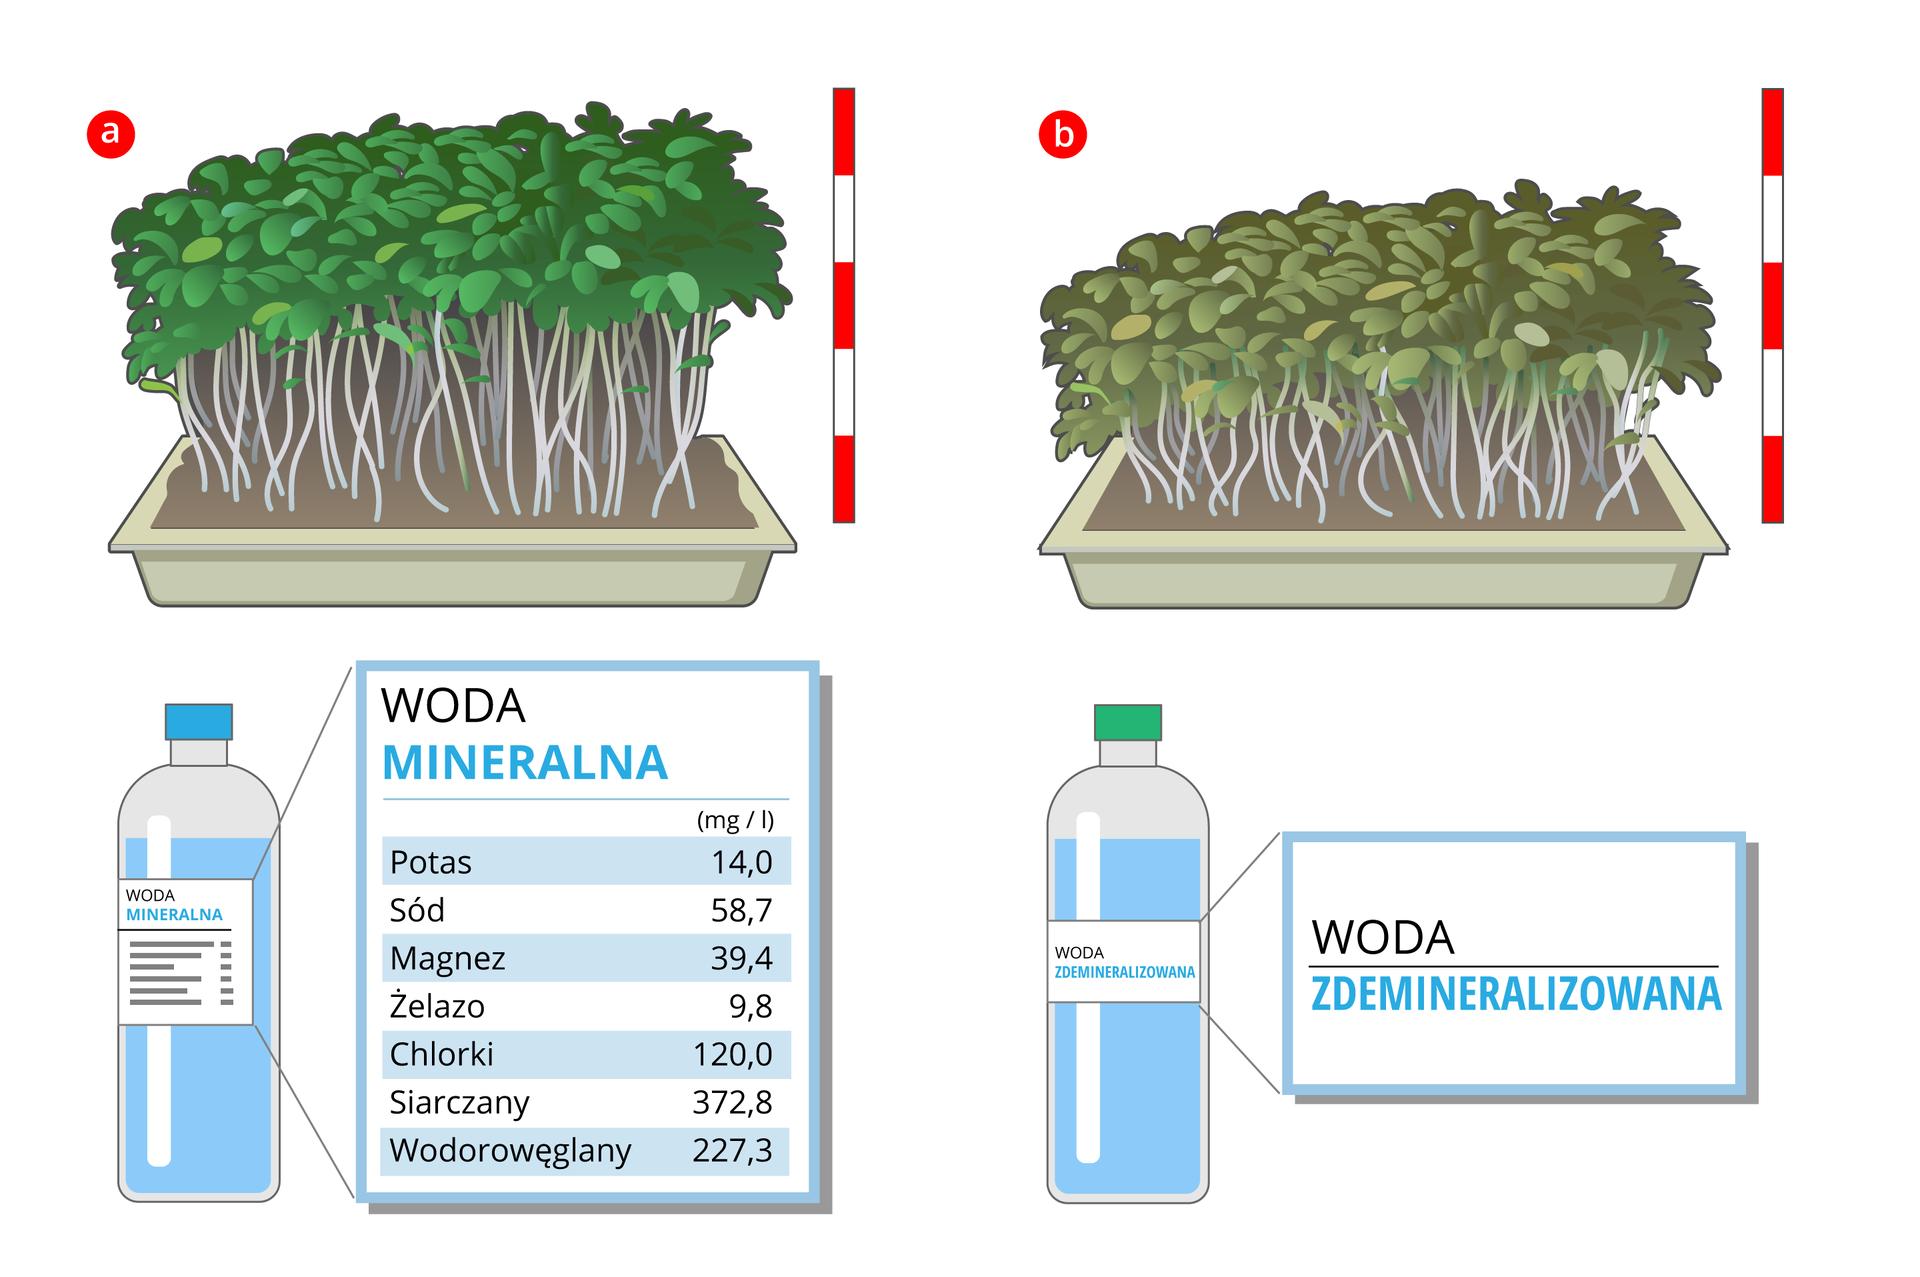 """Ilustracja przedstawia wyniki doświadczenia """"a"""" i""""b"""". Ilustracja """"a"""" to rzeżucha podlewana wodą mineralną. Rzeżucha jest wysoka, ciemno zielone liście, wprostokątnej plastikowej doniczce. Poniżej ilustracja przedstawiająca butelkę wody mineralnej zetykietą ipodanym składem wody: potas, sód, magnez, żelazo, chlorki, siarczany iwęglowodany. Ilustracja """"b"""": rzeżucha podlewana wodą zdemineralizowaną. Rzeżucha jest niższa, aliście brązowo-zielonkawe. Poniżej rysunek plastikowej butelki zetykietą: woda zdemineralizowana"""